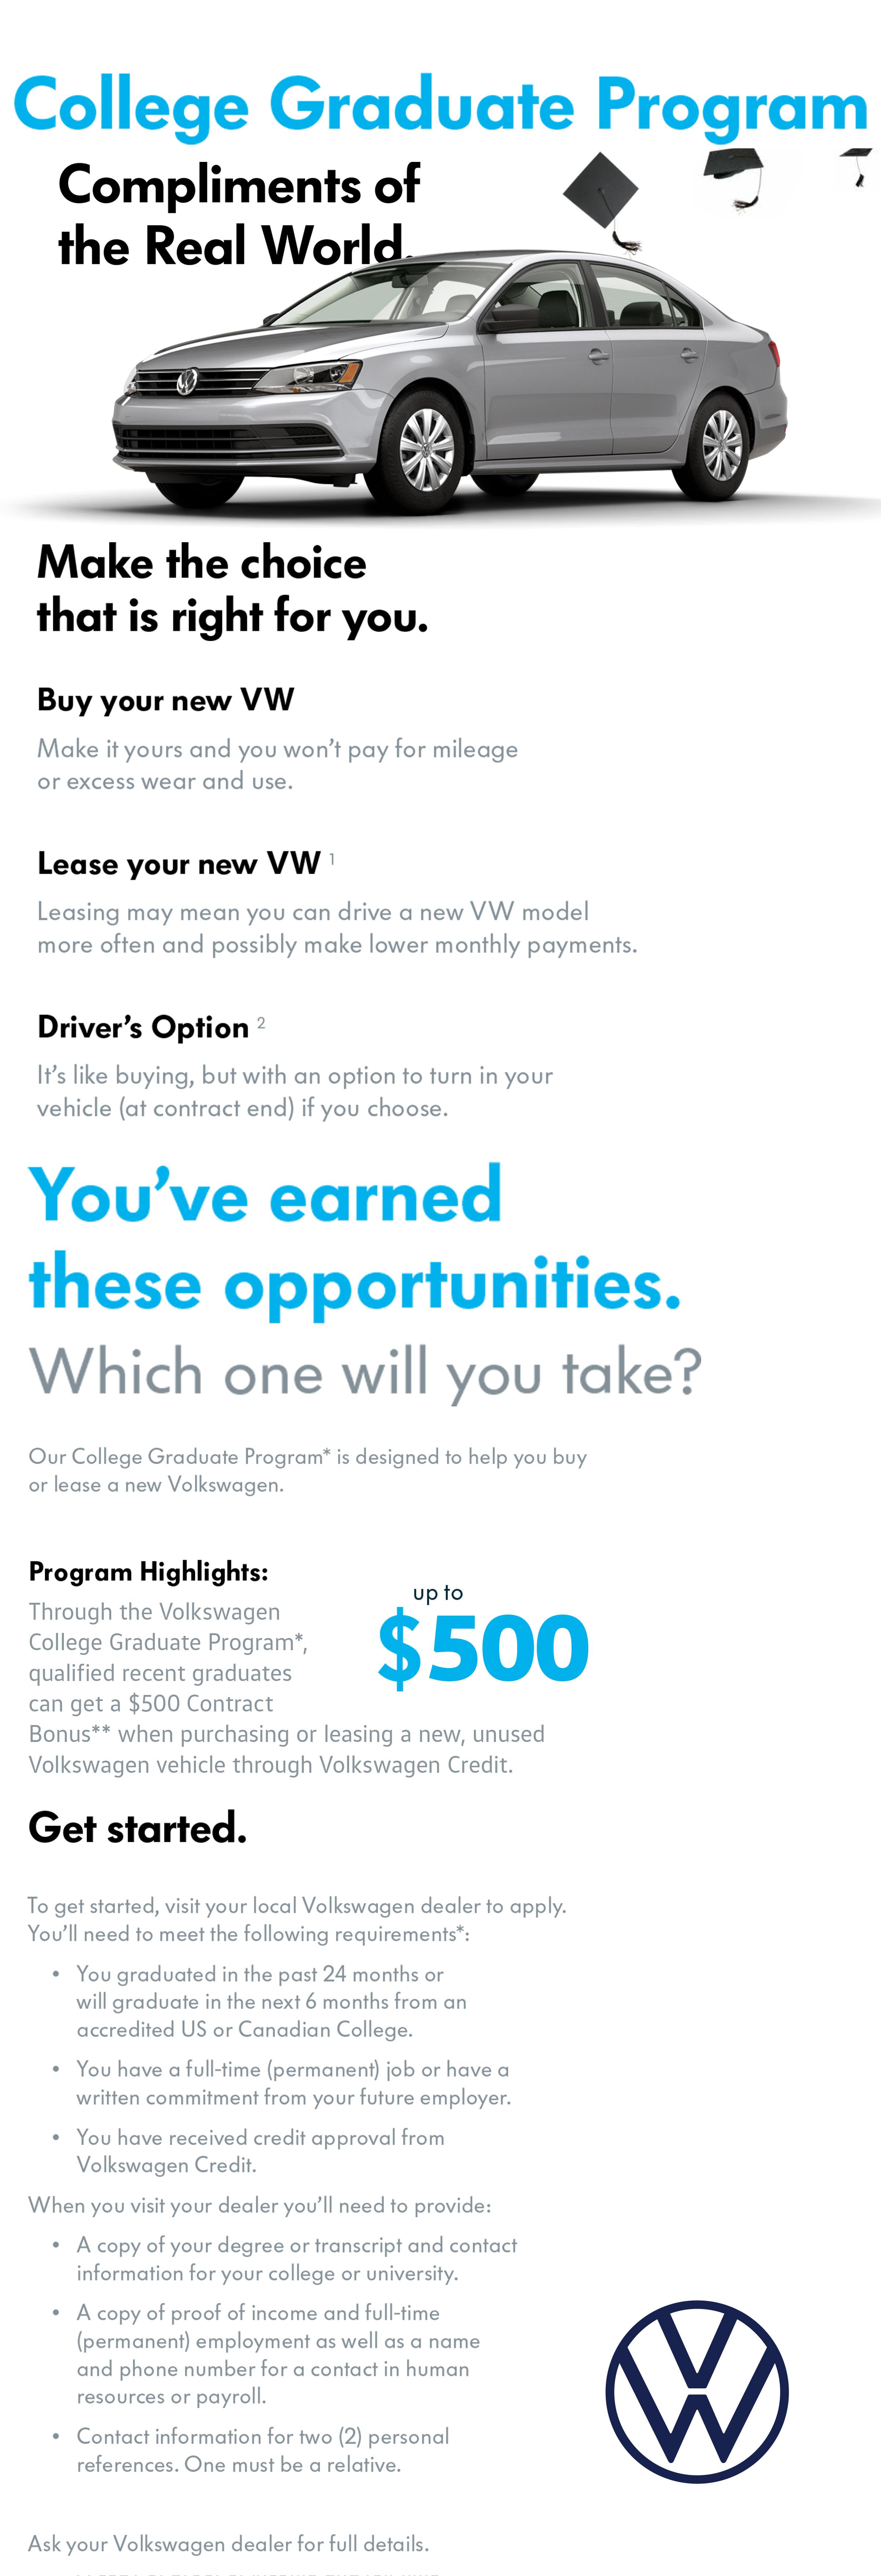 Volkswagen's College Grad Program | Byers Volkswagen